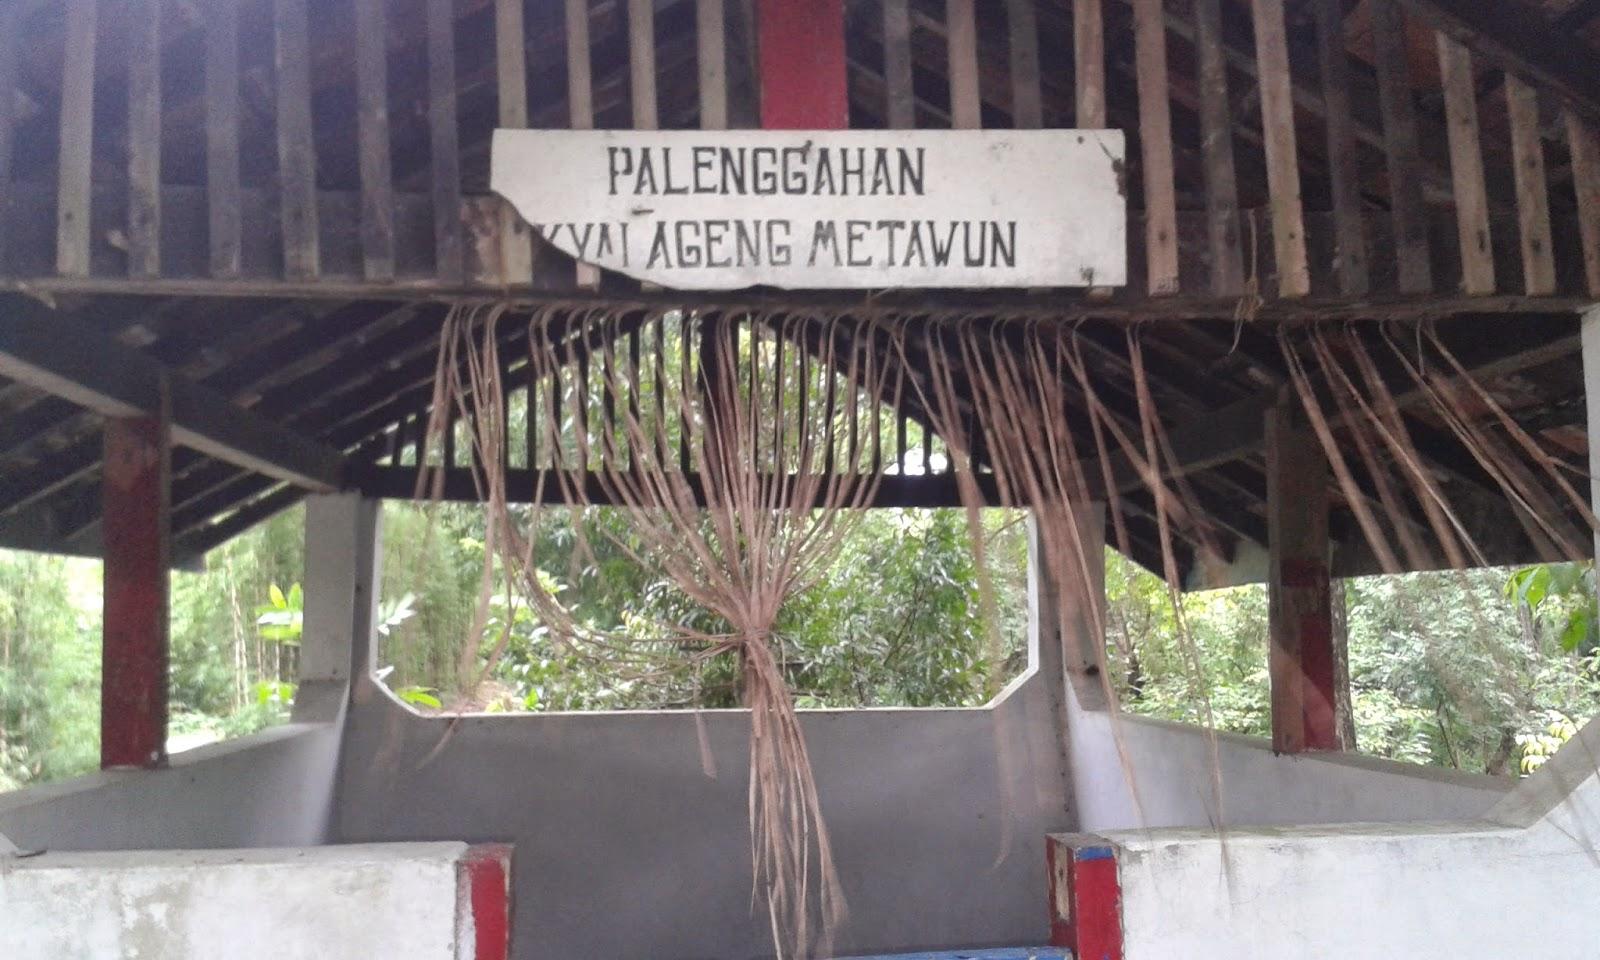 Ips 4 Legenda Sendangtawun Duk Beji Sebagian Besar Penduduknya Petani